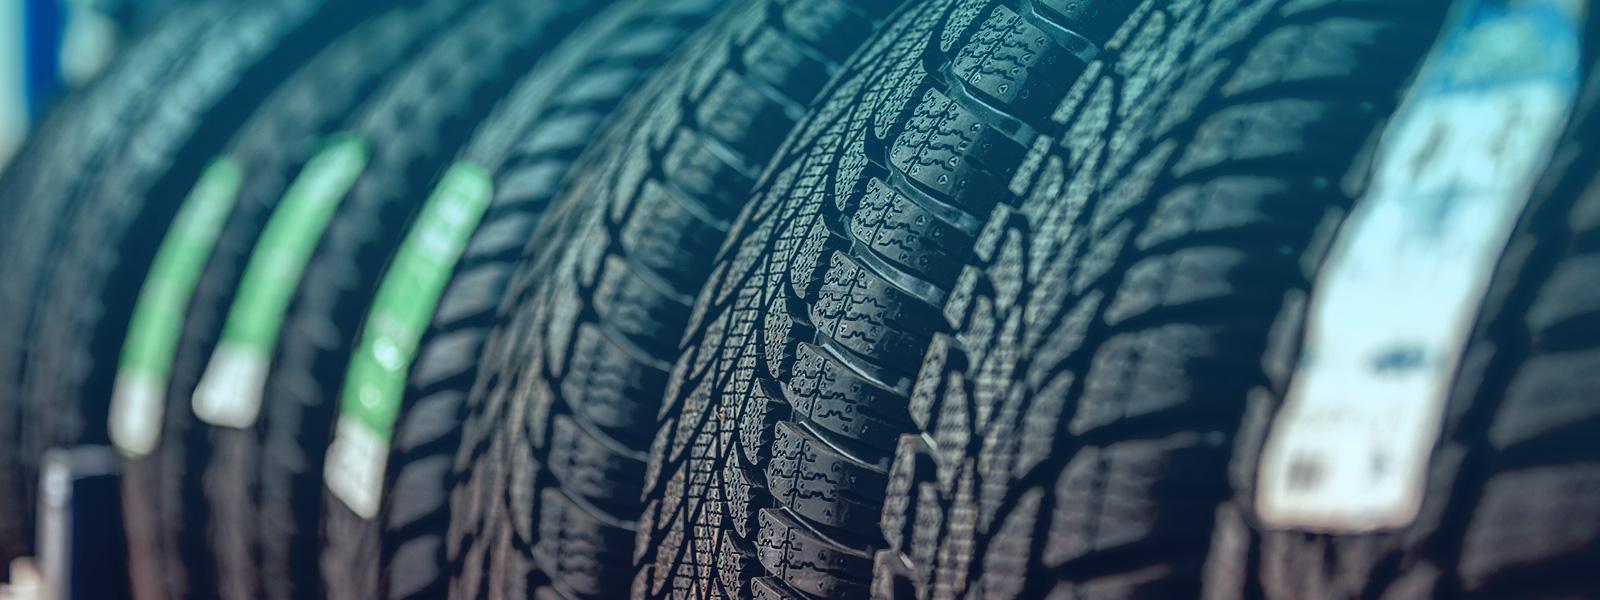 rodizio-pneus-verdade-mito-ceabs-blog